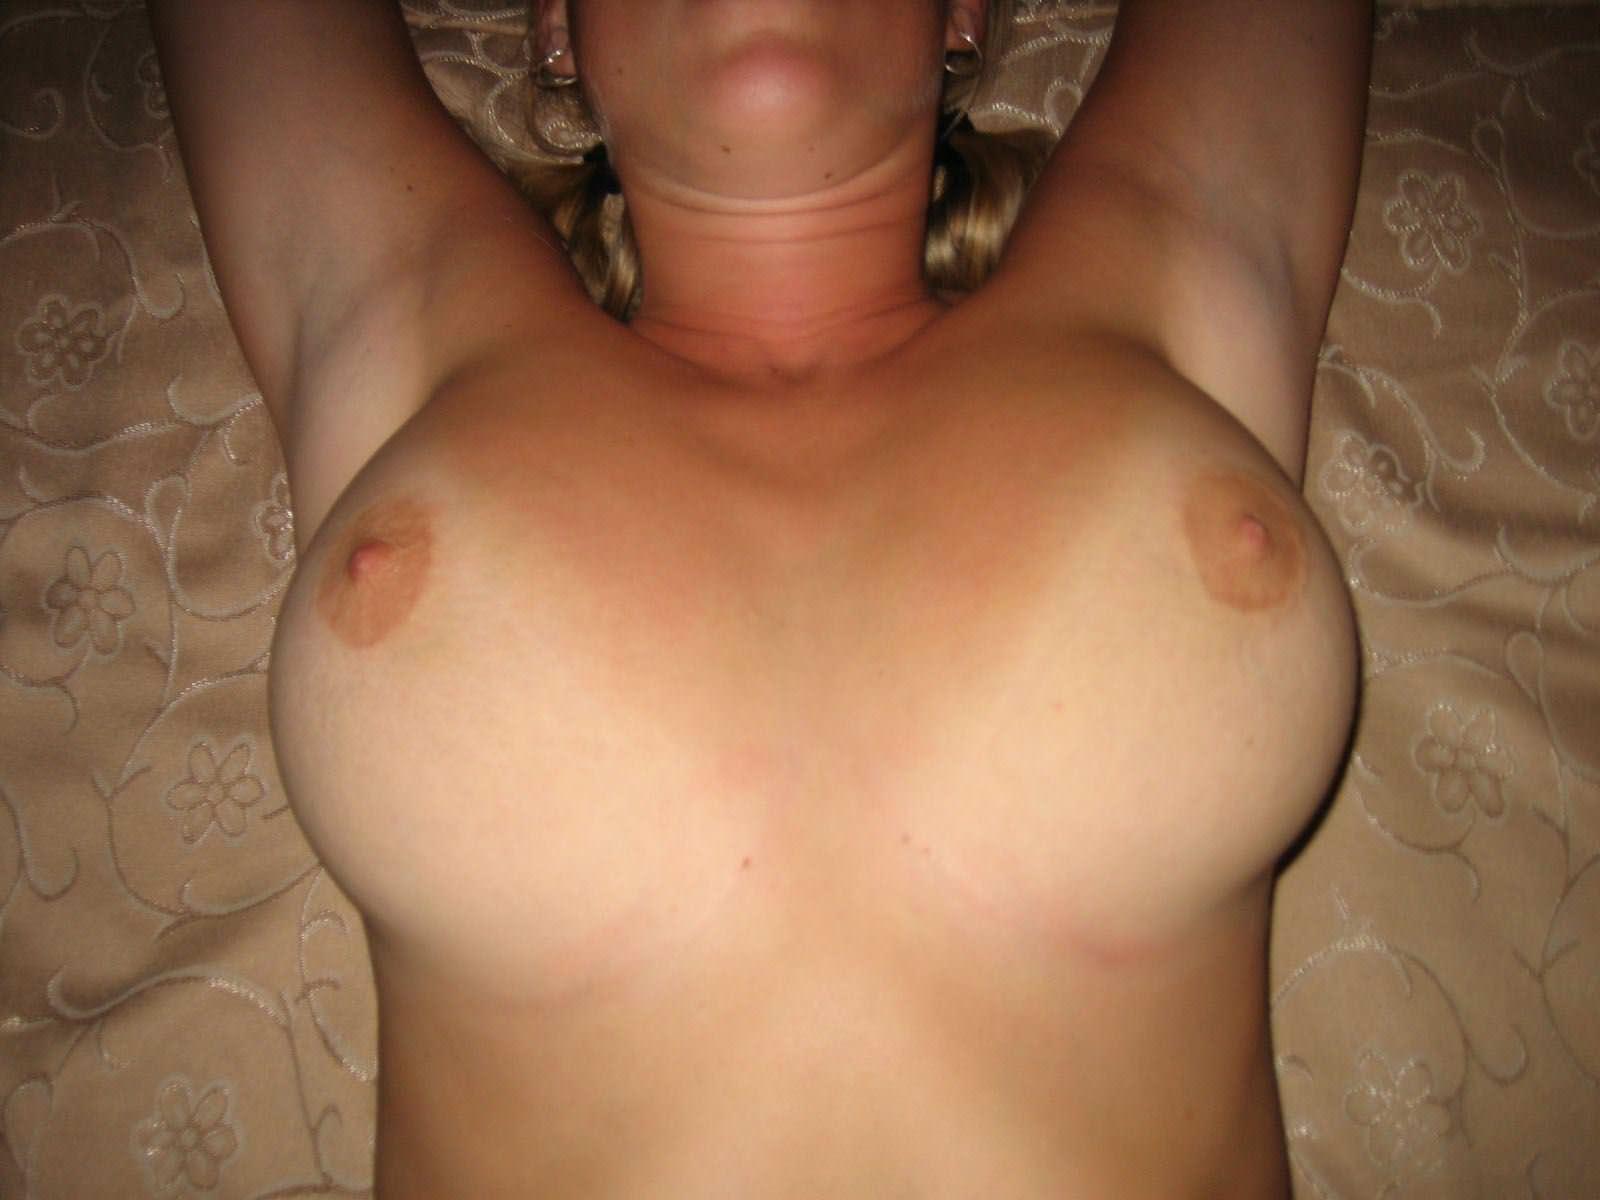 【外人】スウェーデンの金髪素人美女が彼氏とエッチして妊娠した姿を晒すポルノ画像 21113